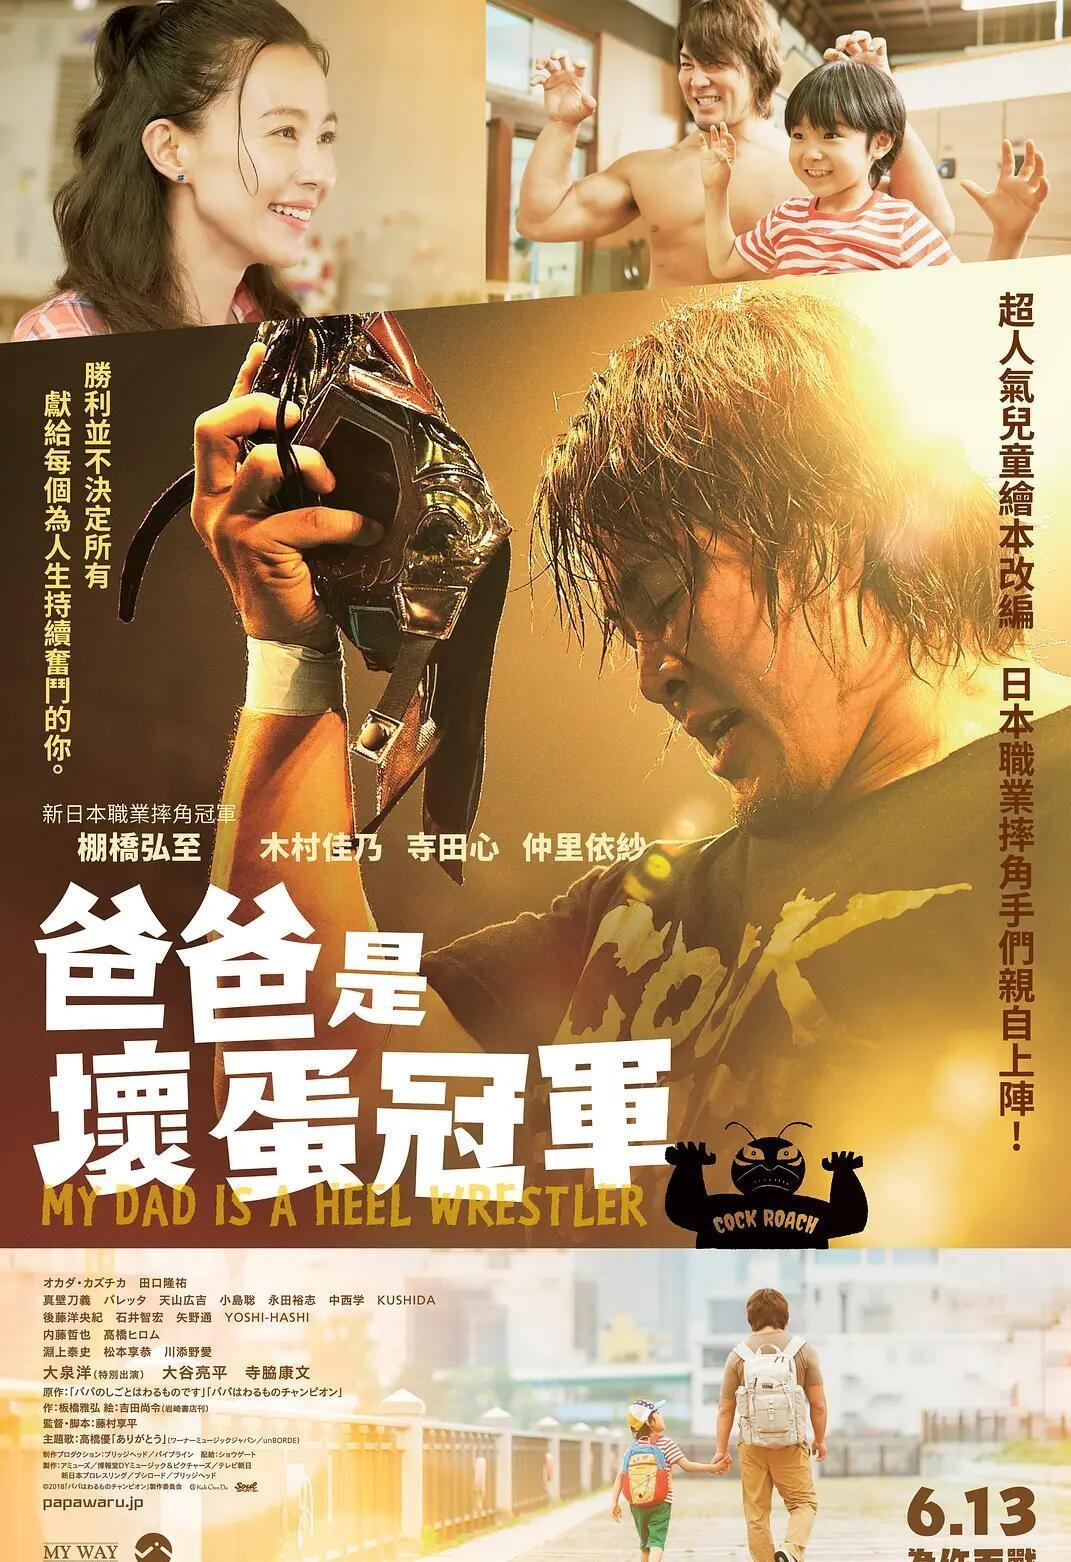 《爸爸是坏人冠军》BD720p日语中字版 百度网盘